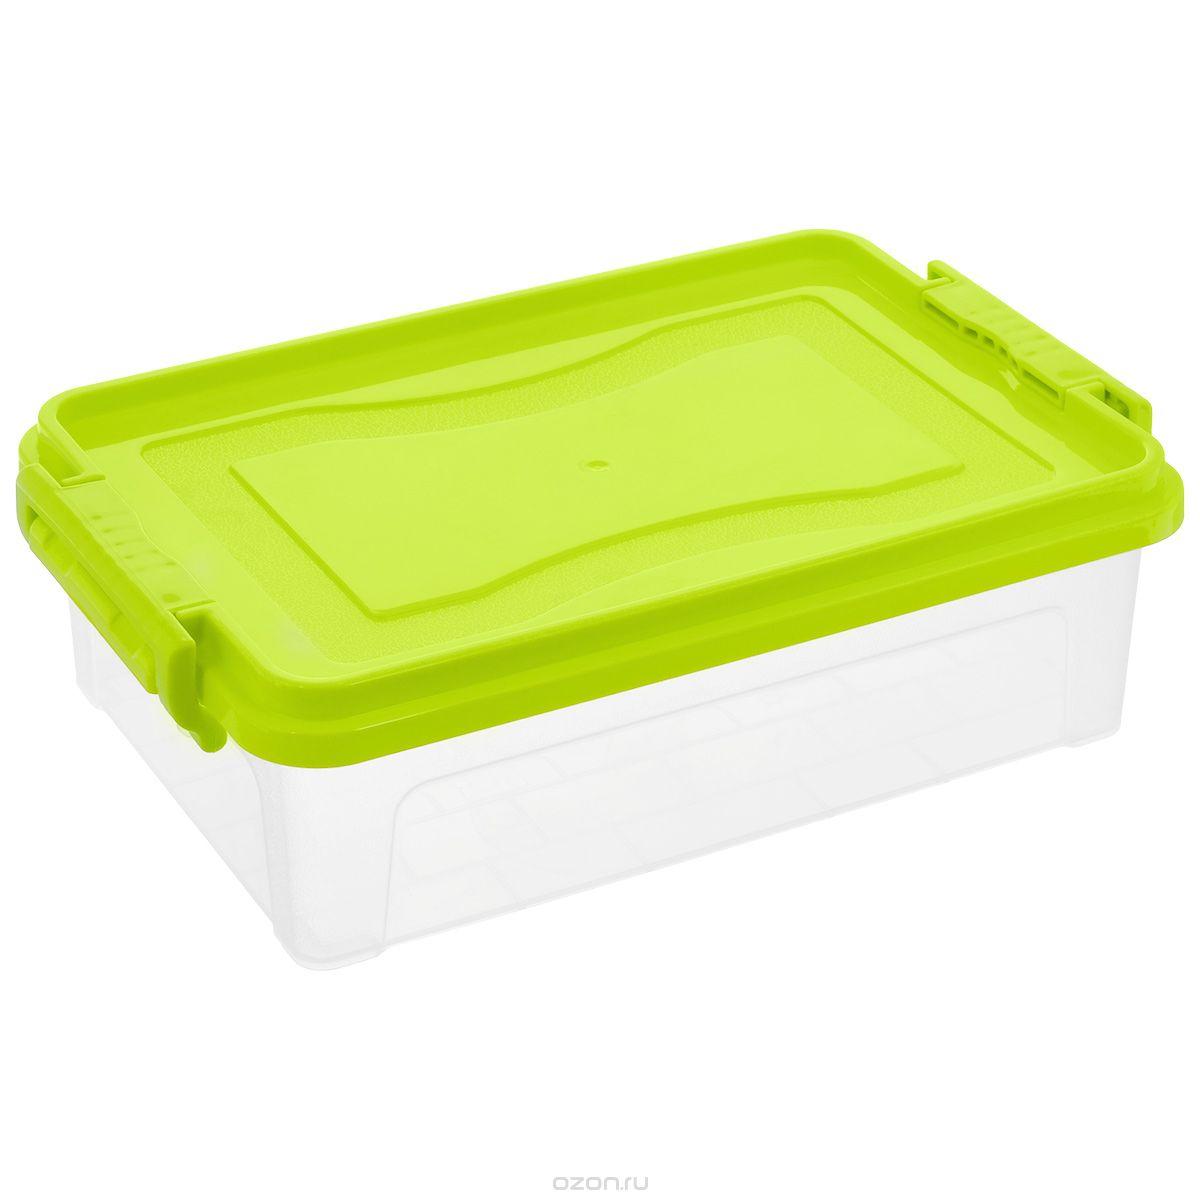 Контейнер для хранения Idea, прямоугольный, цвет: прозрачный, салатовый, 10,5 л41619Контейнер для хранения Idea выполнен из высококачественного полипропилена. Контейнер снабжен двумя пластиковыми фиксаторами по бокам, придающими дополнительную надежность закрывания крышки. Вместительный контейнер позволит сохранить различные нужные вещи в порядке, а герметичная крышка предотвратит случайное открывание, защитит содержимое от пыли и грязи.